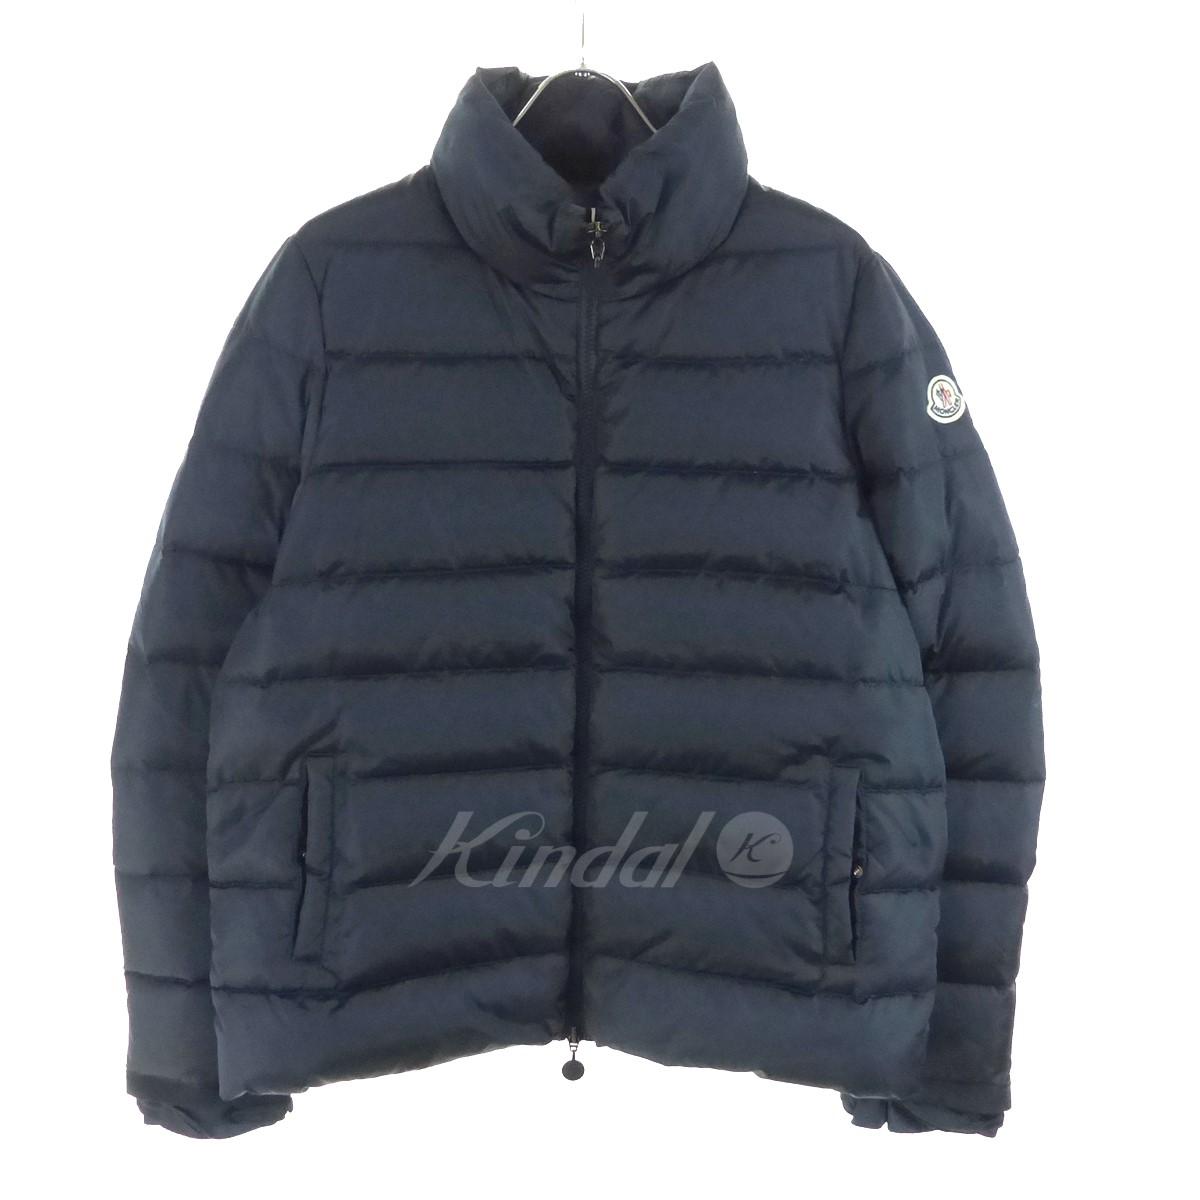 【中古】MONCLER SEIRA ダウンジャケット ネイビー サイズ:3 【送料無料】 【231018】(モンクレール)